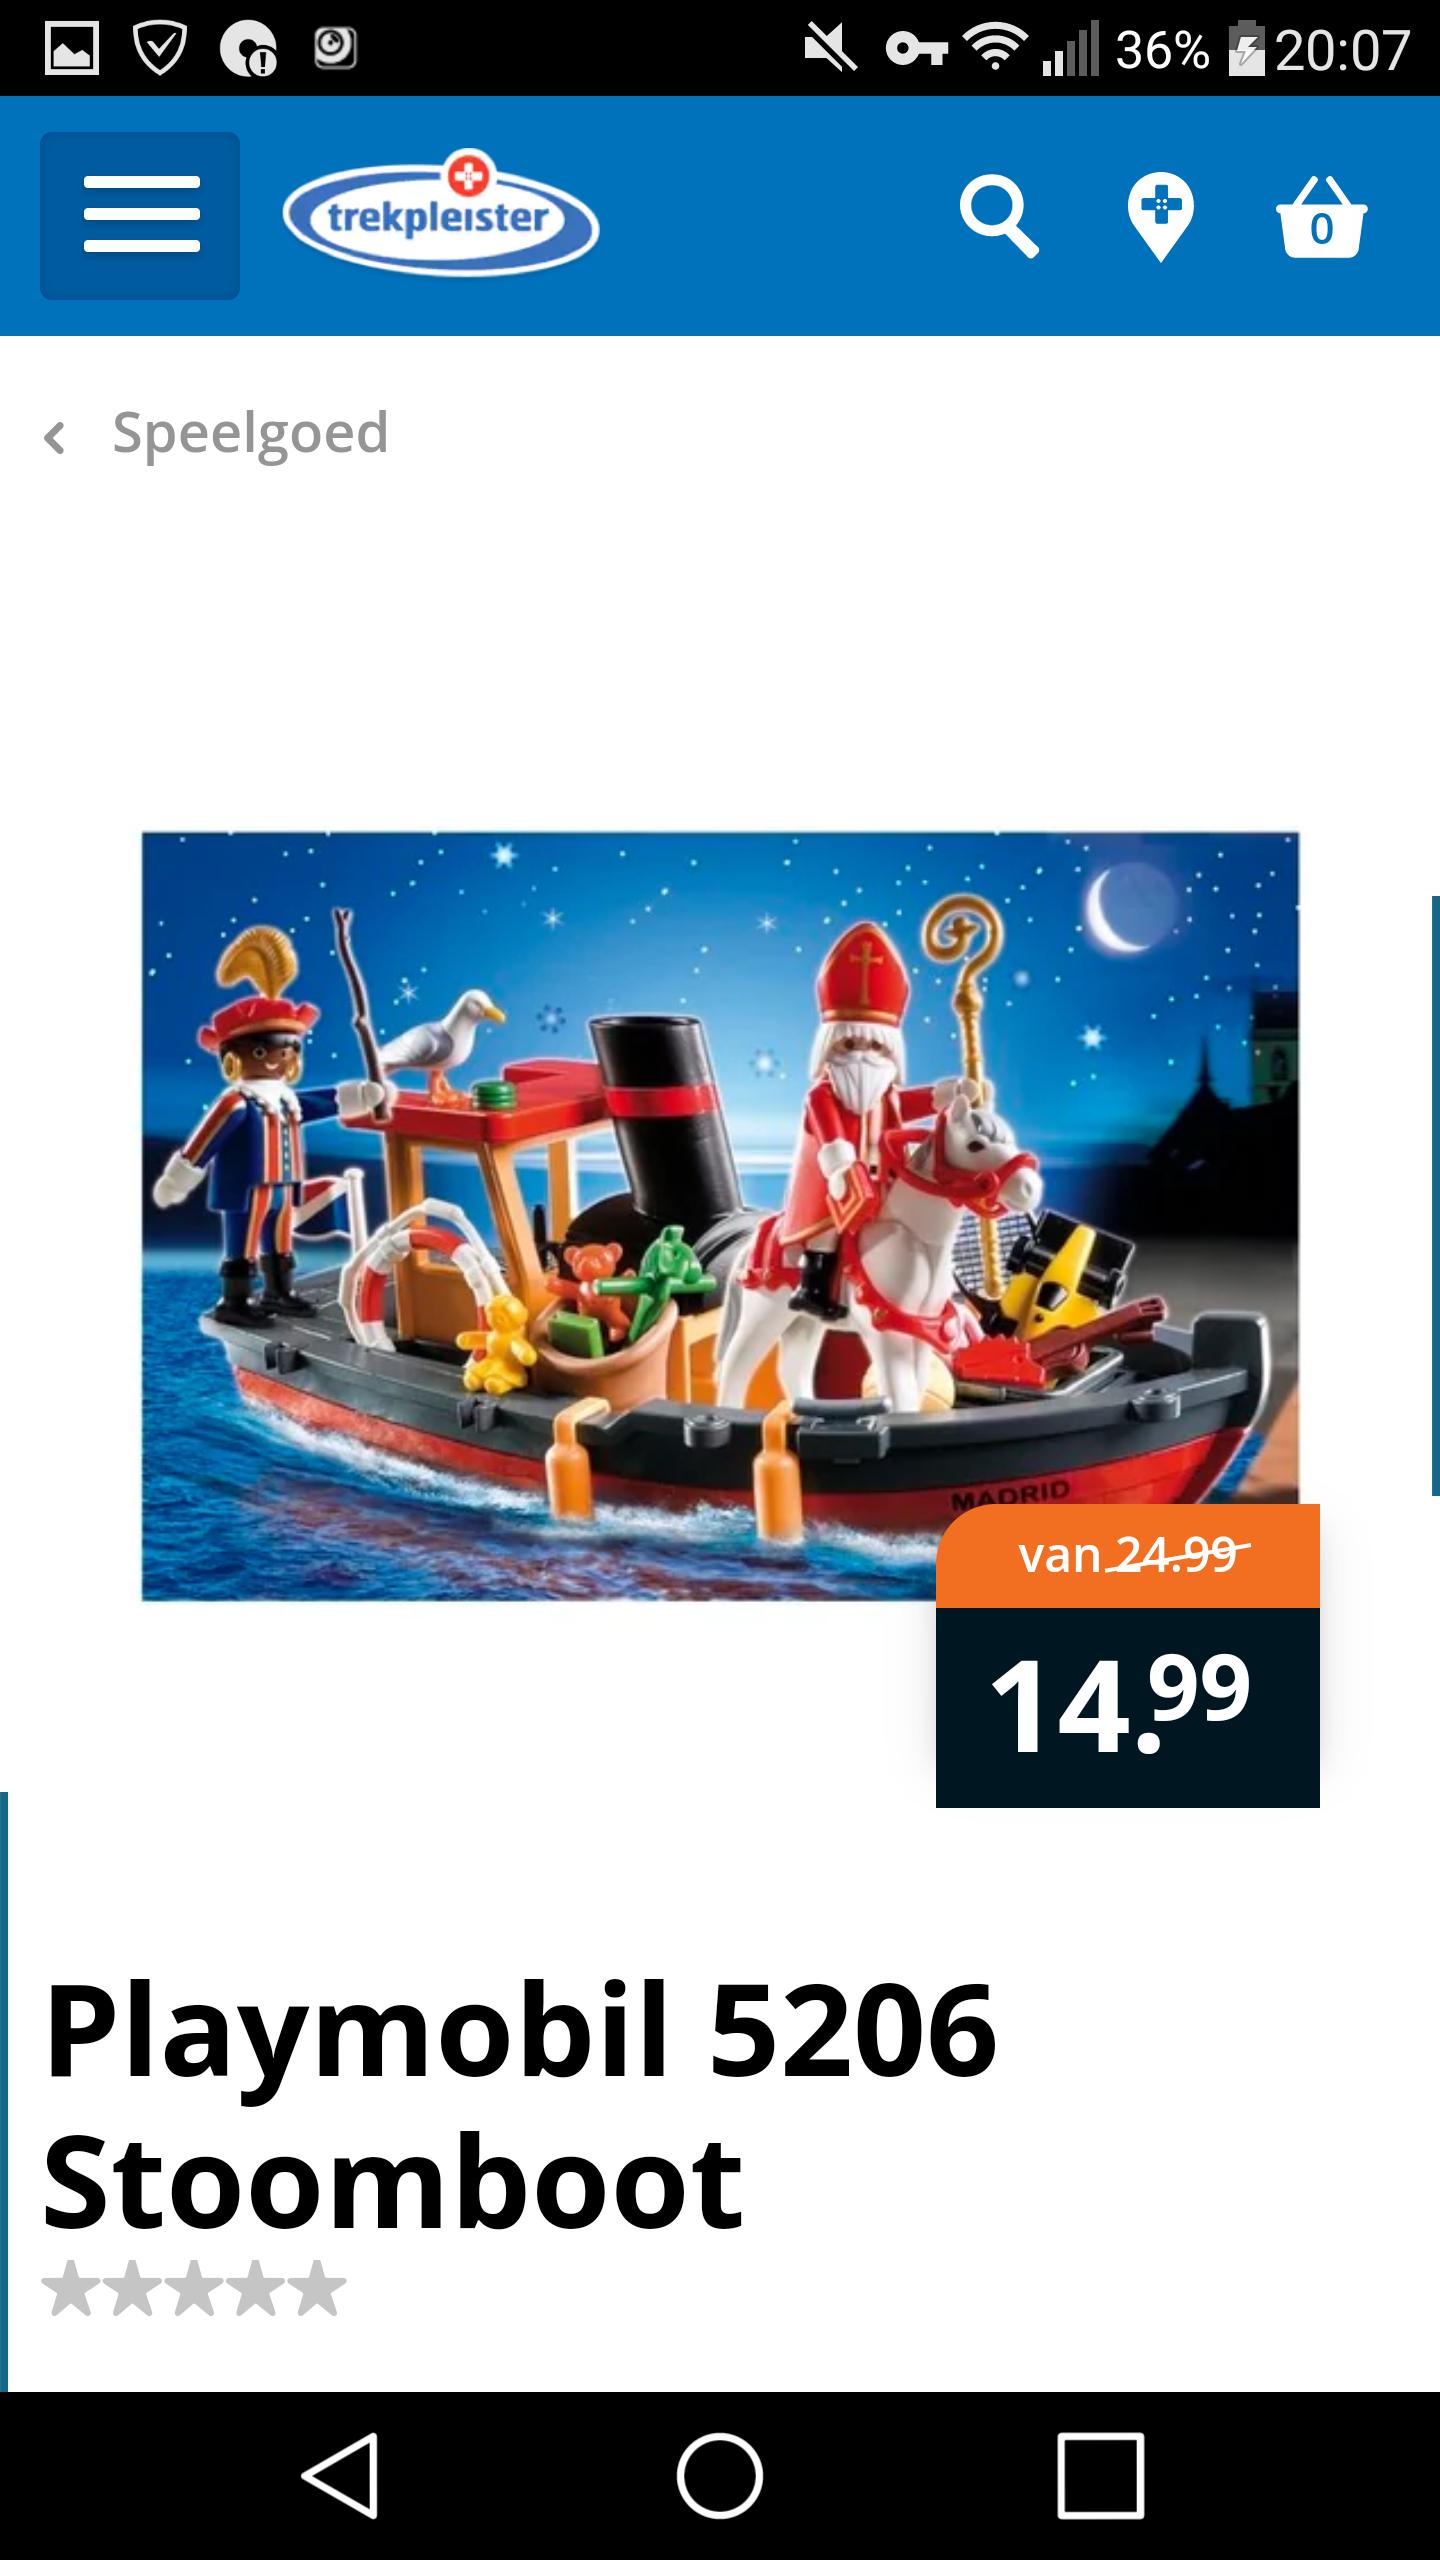 Playmobil stoomboot met Sint en Zwarte Piet